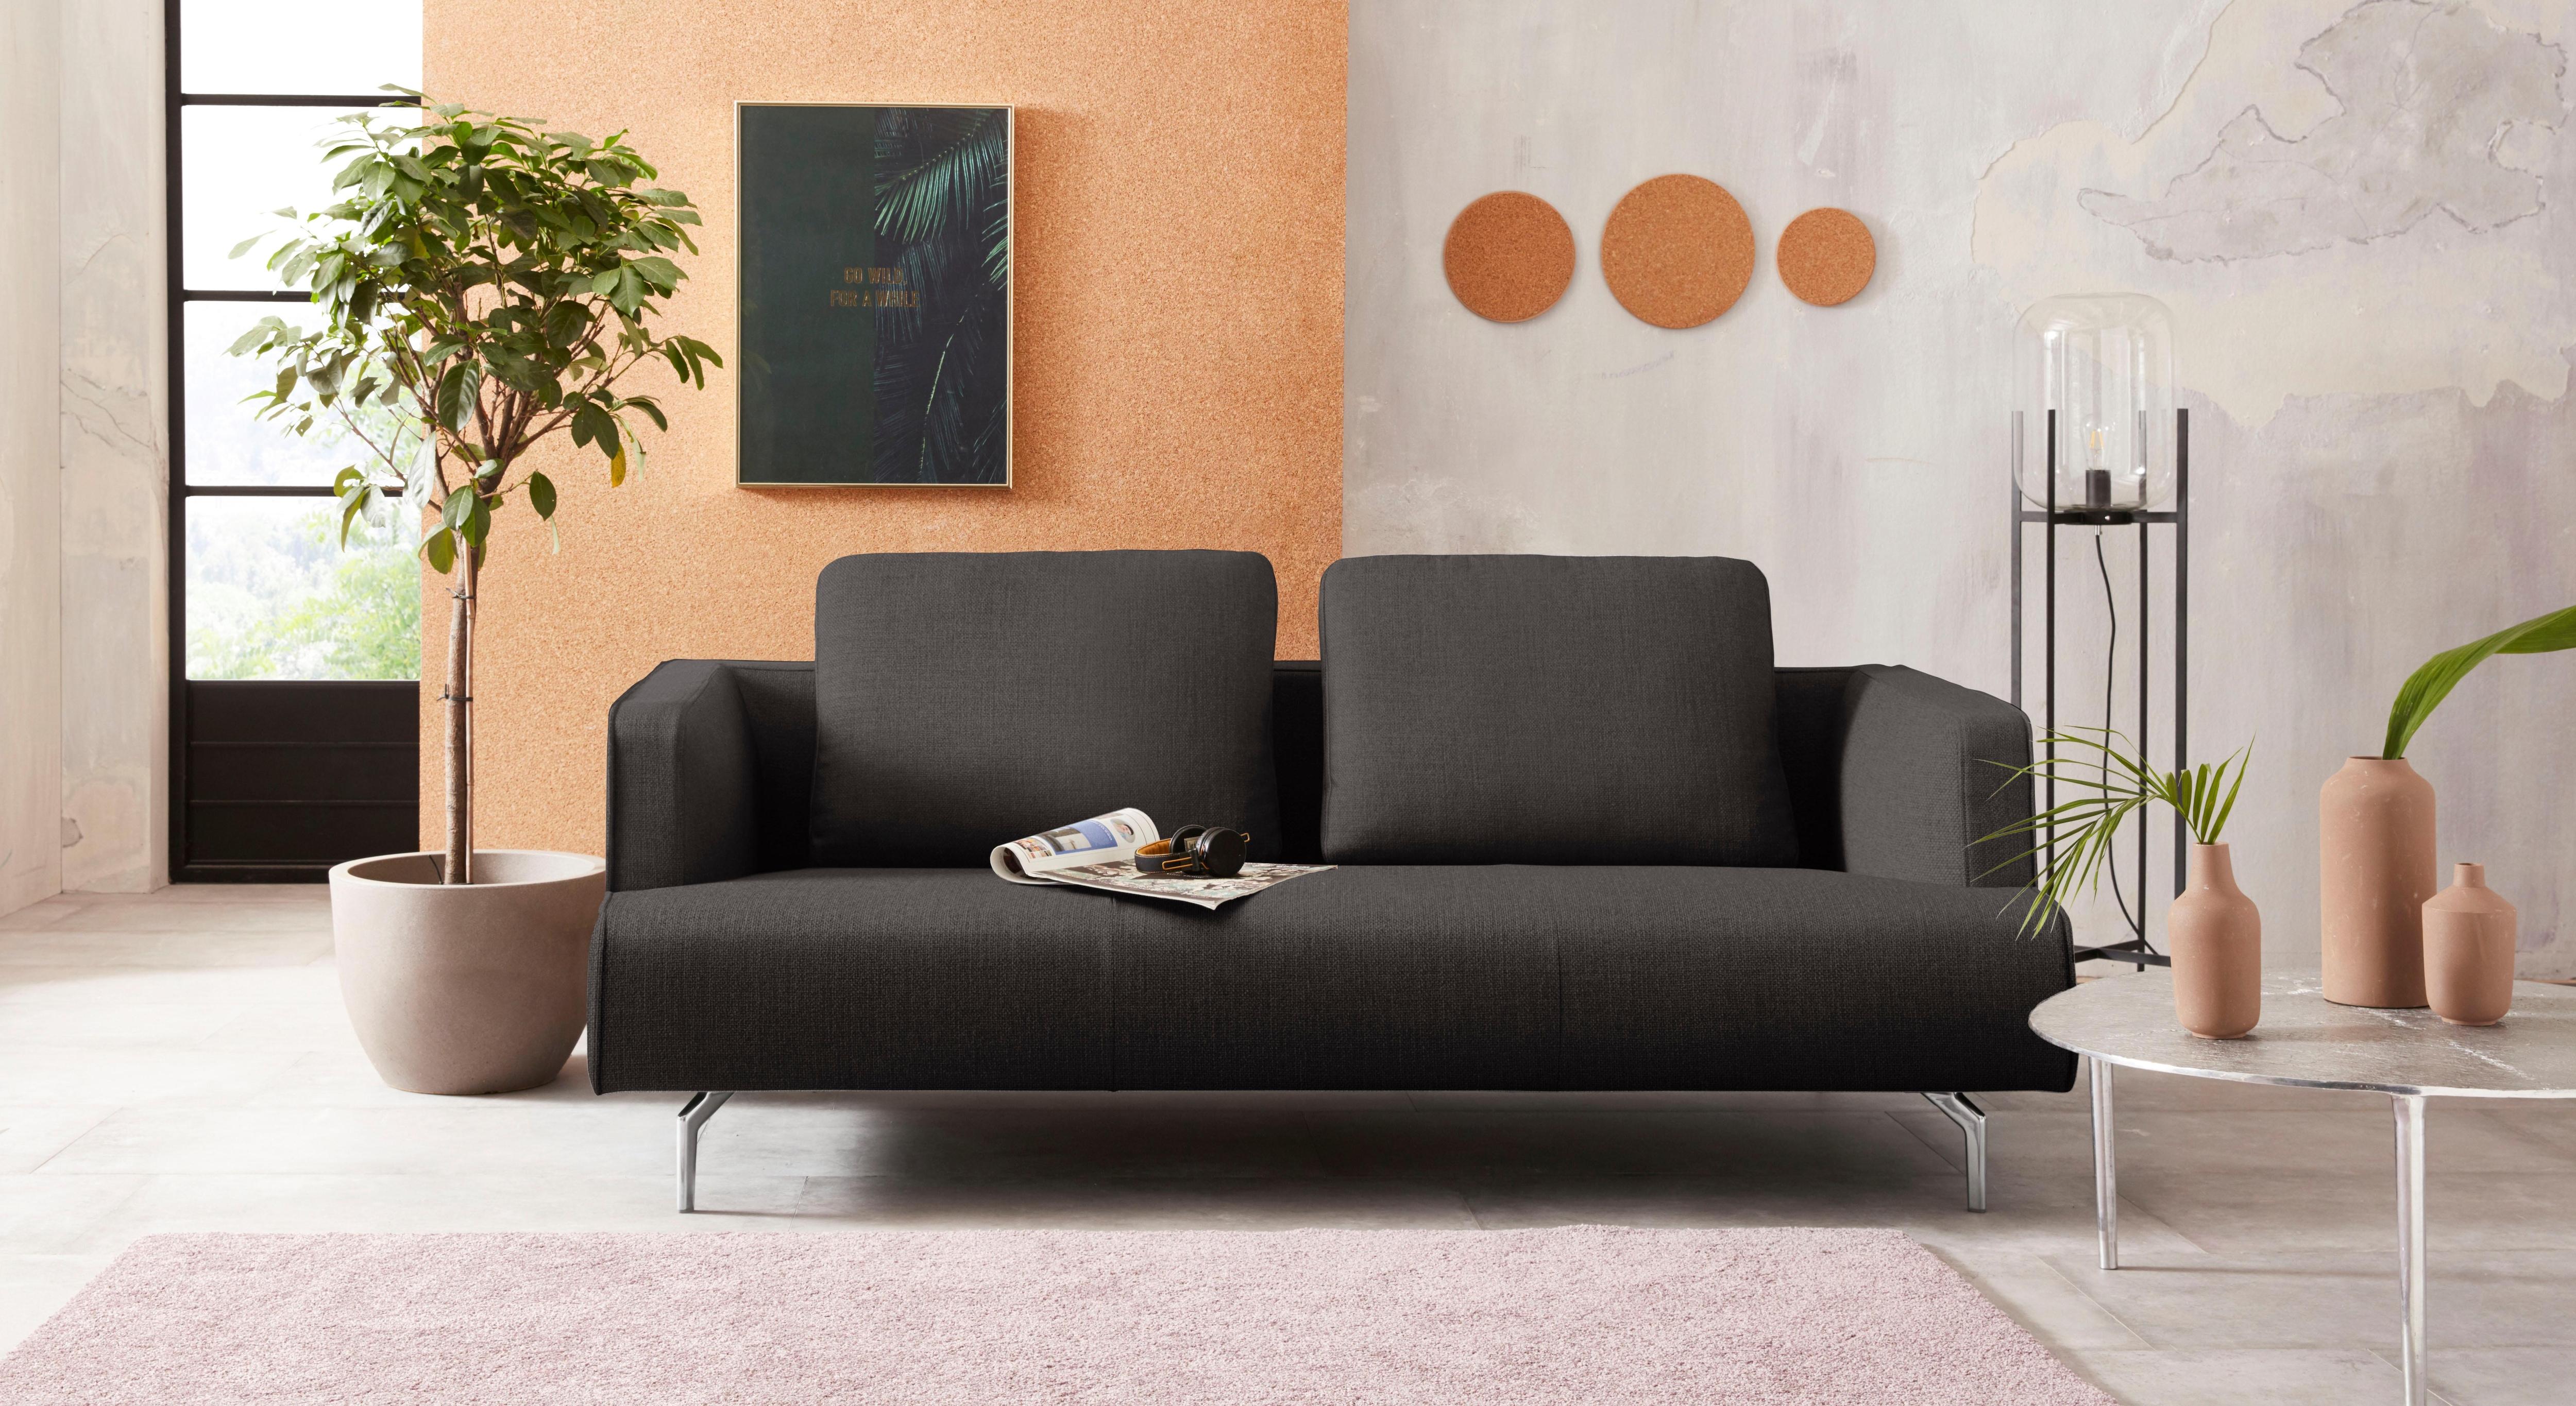 hülsta sofa 35-Sitzer hs440